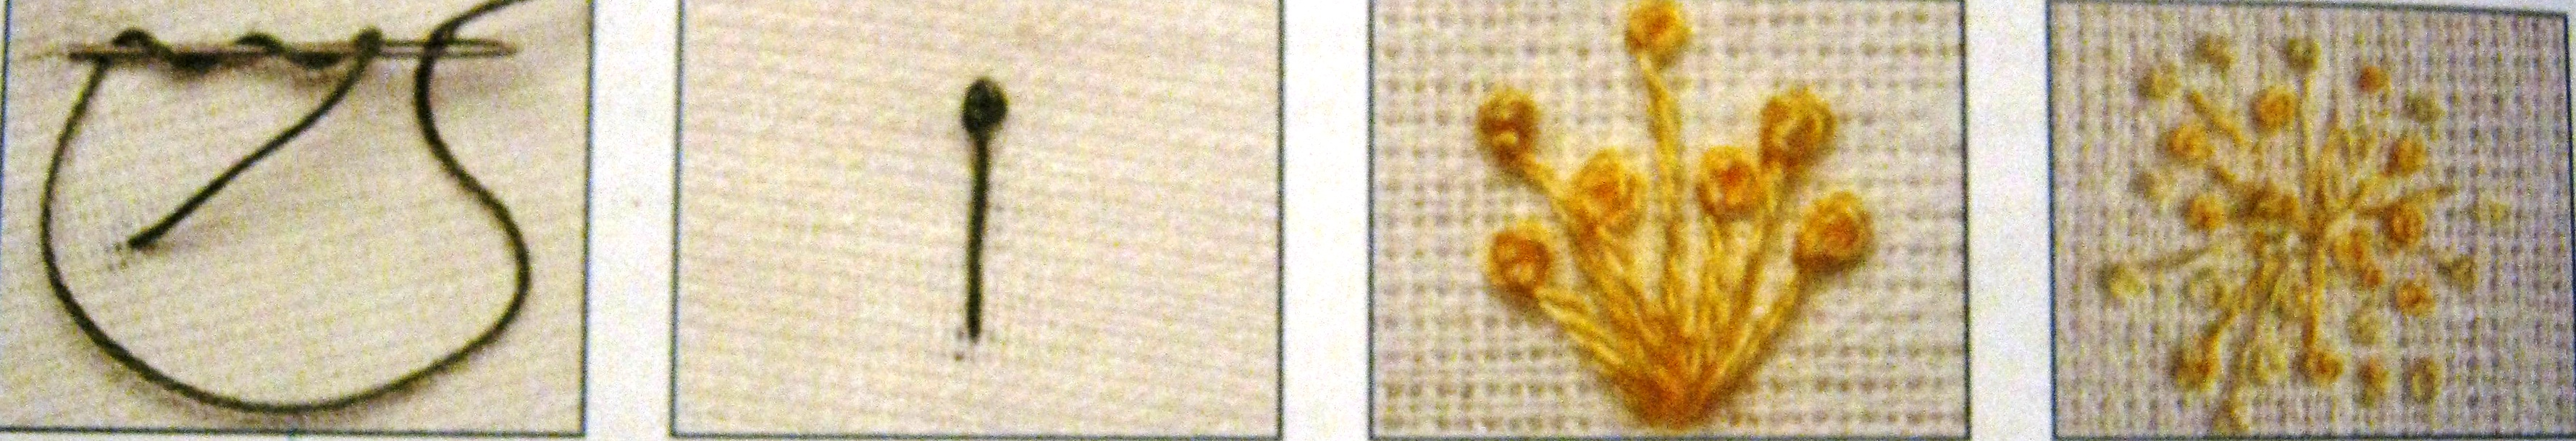 Французский узелок в вышивке крестом фото